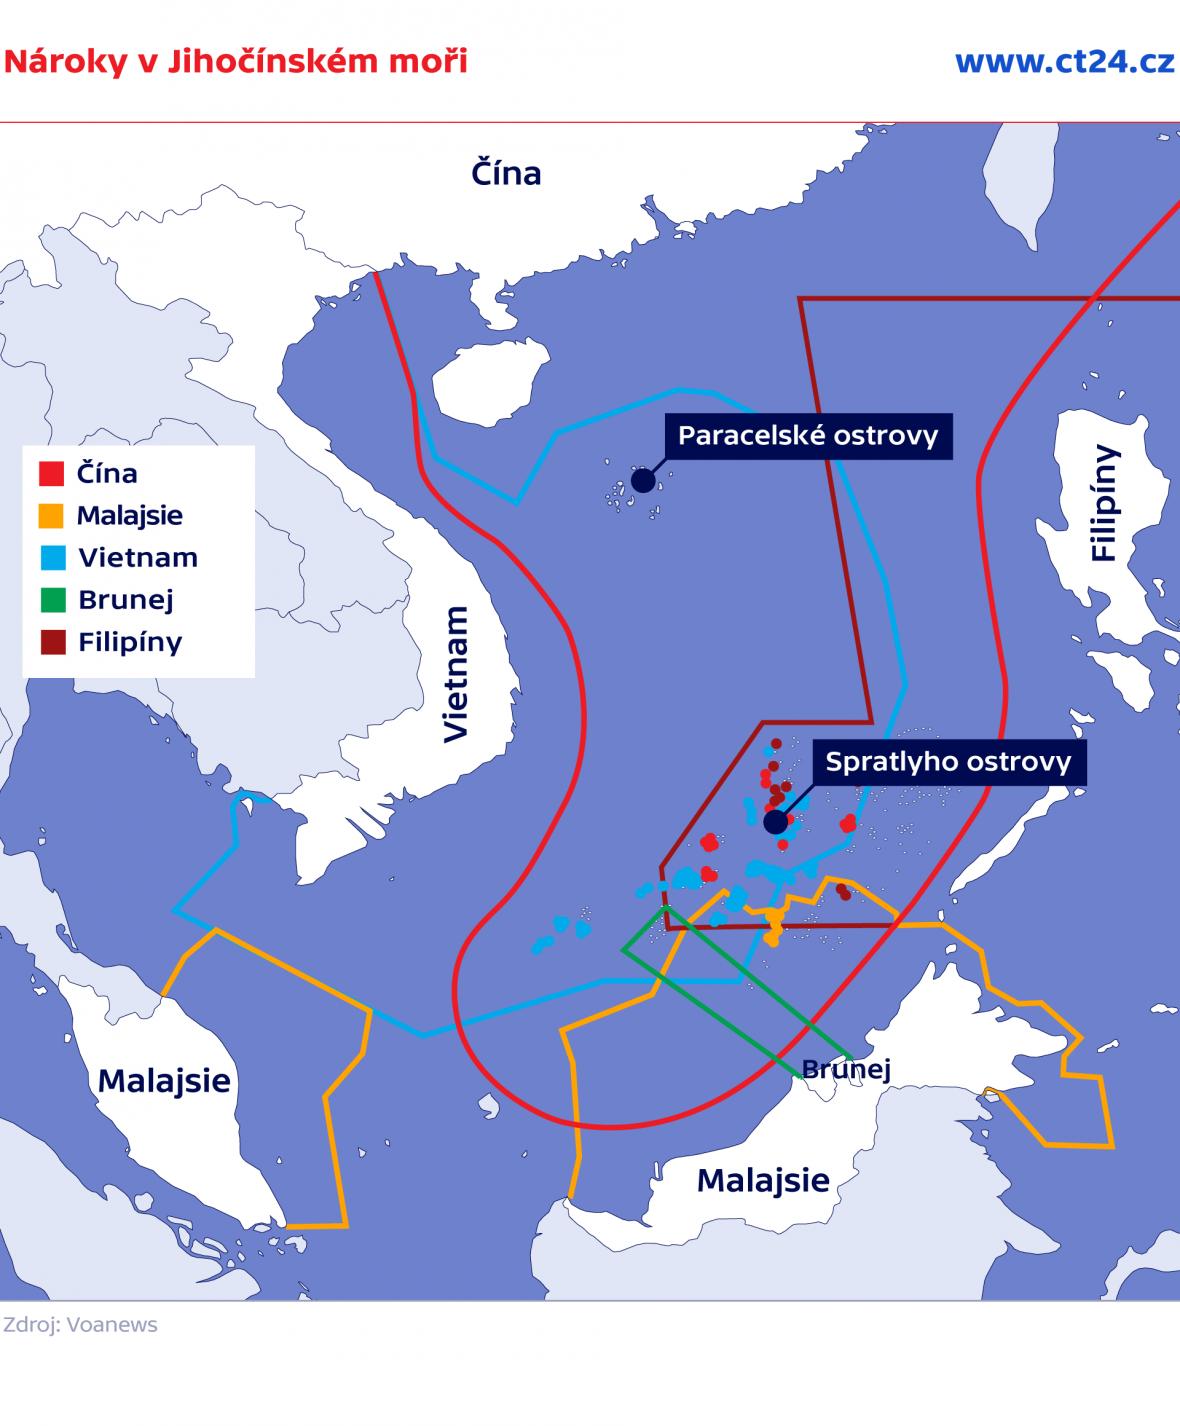 Nároky v Jihočínském moři